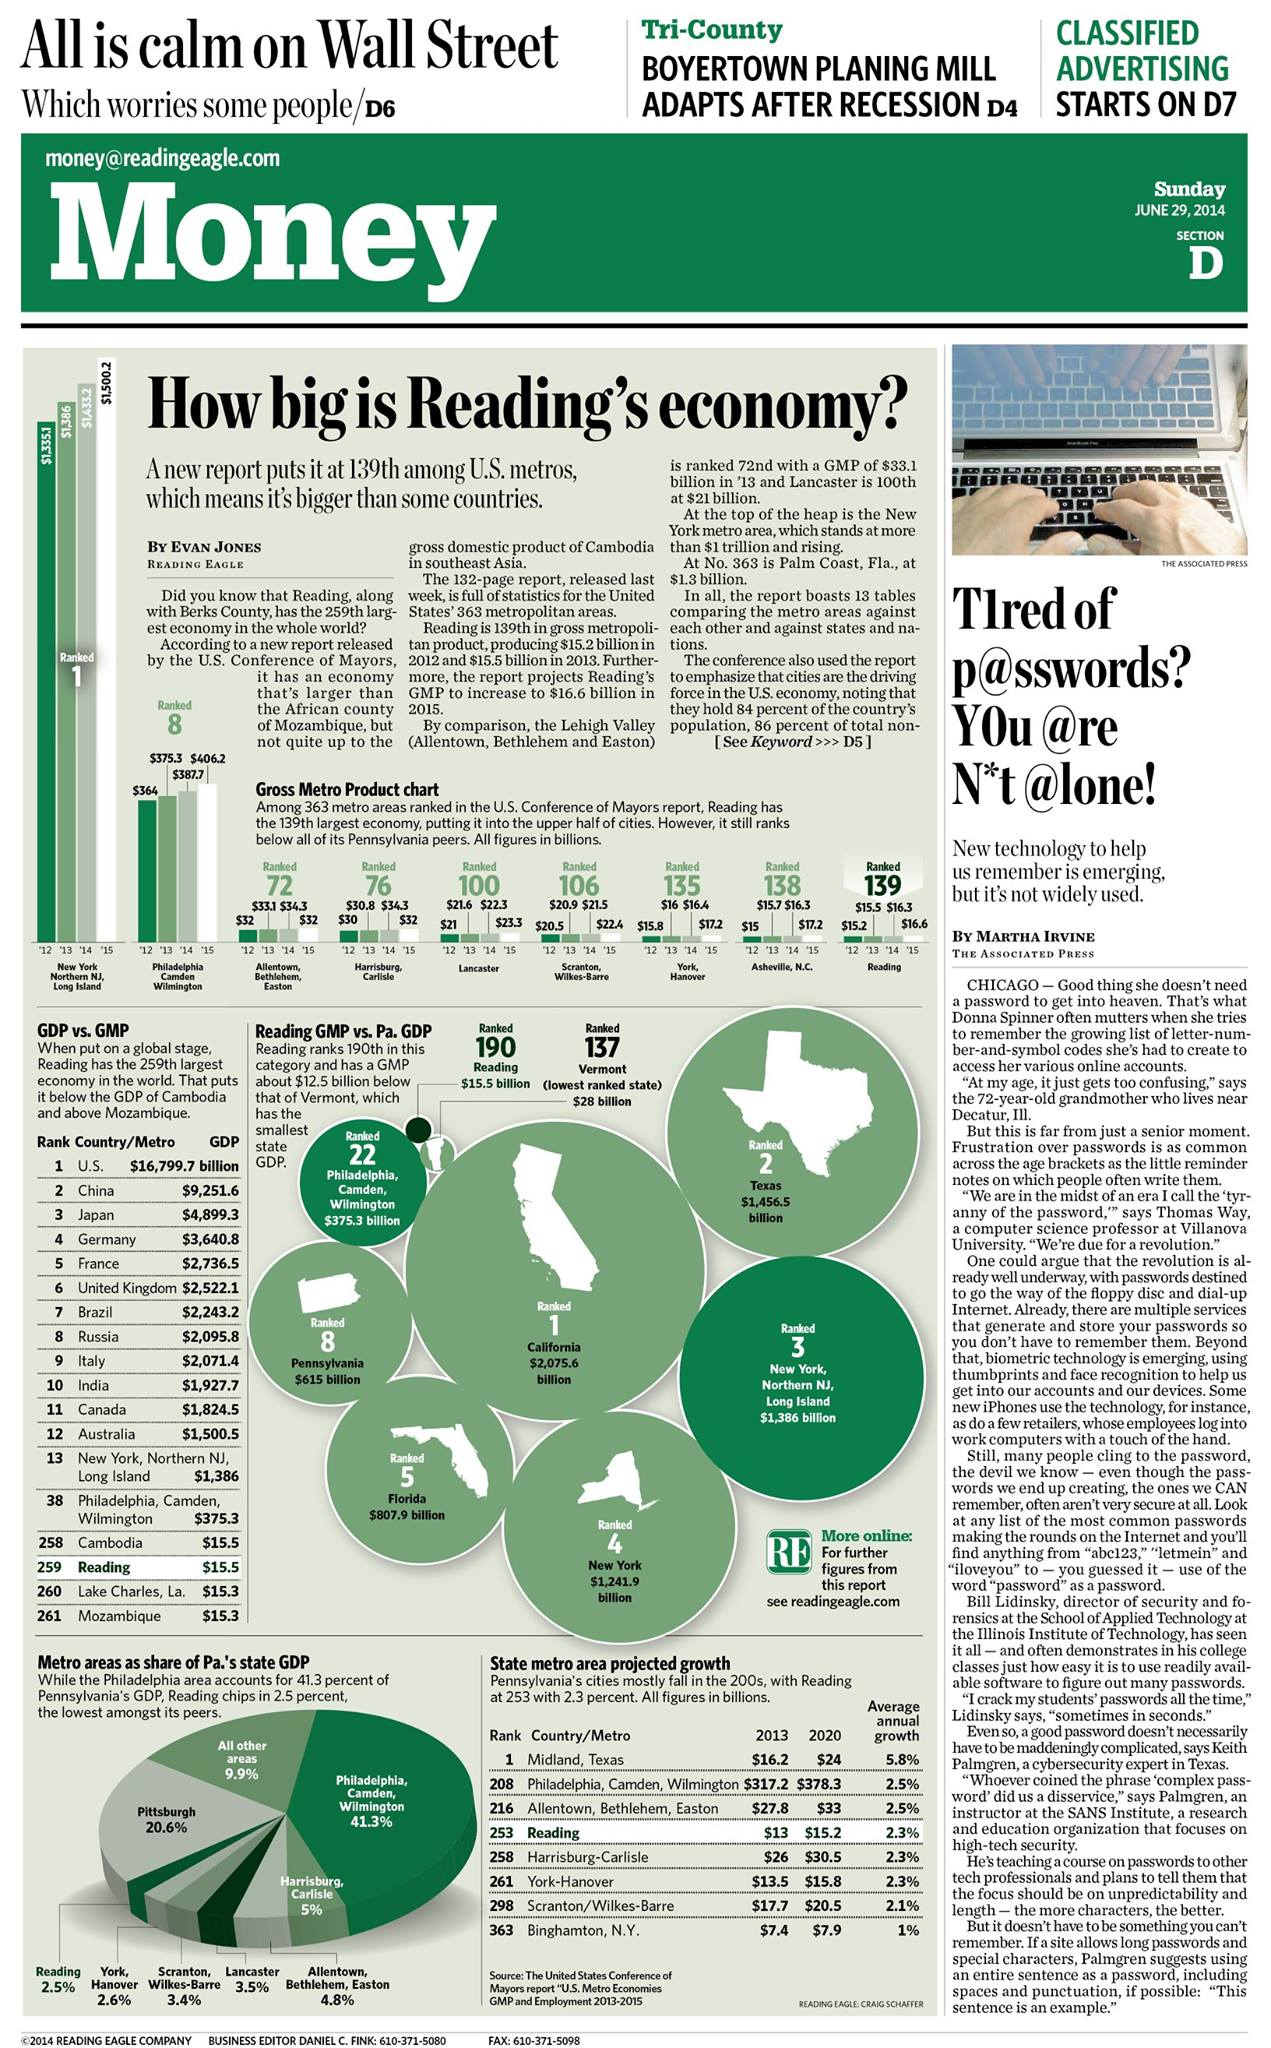 Reading's economy